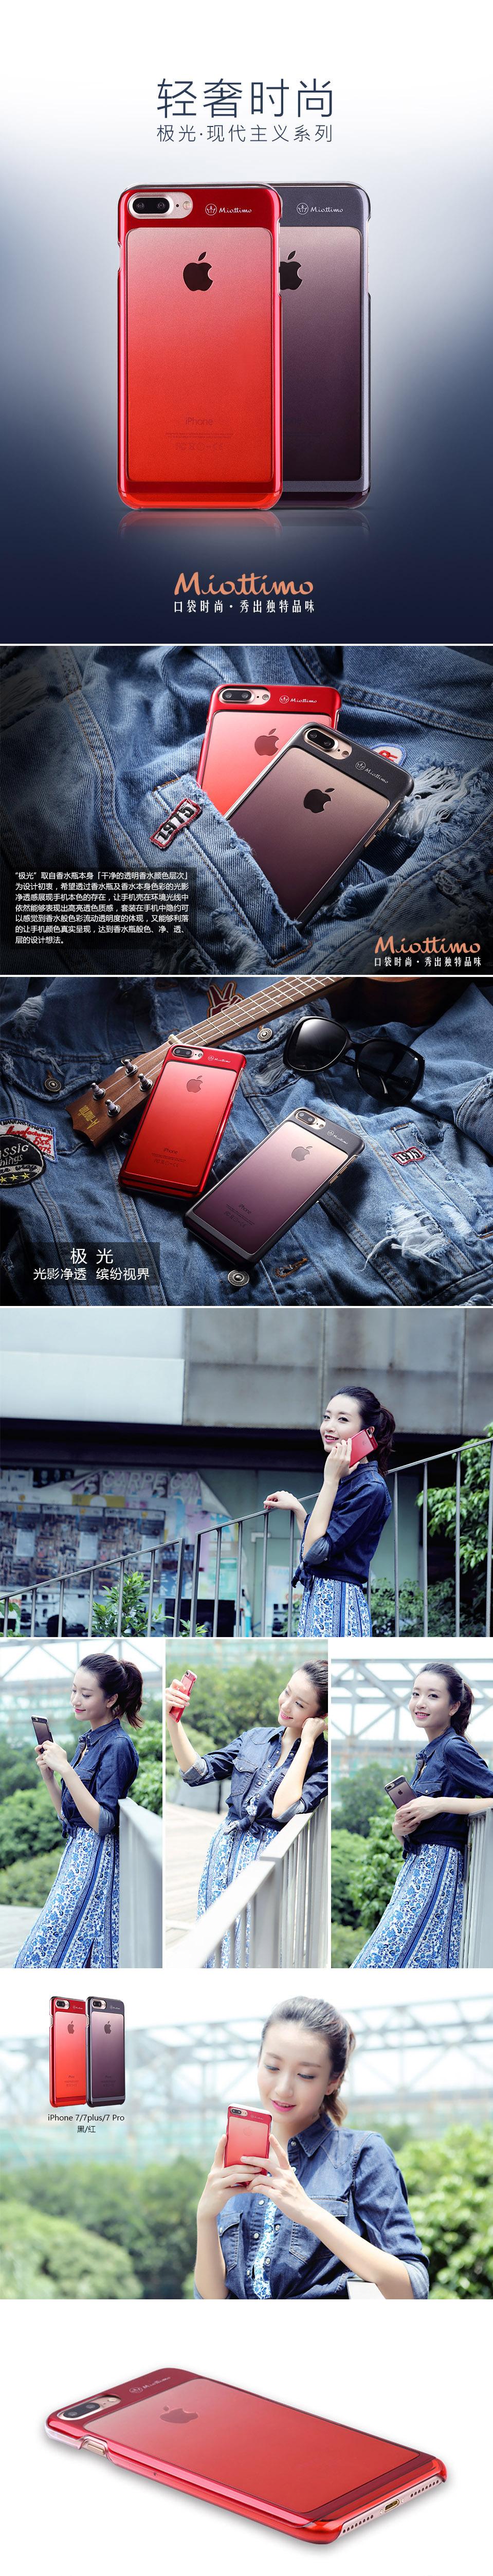 深圳手机拍摄,深圳广告拍摄